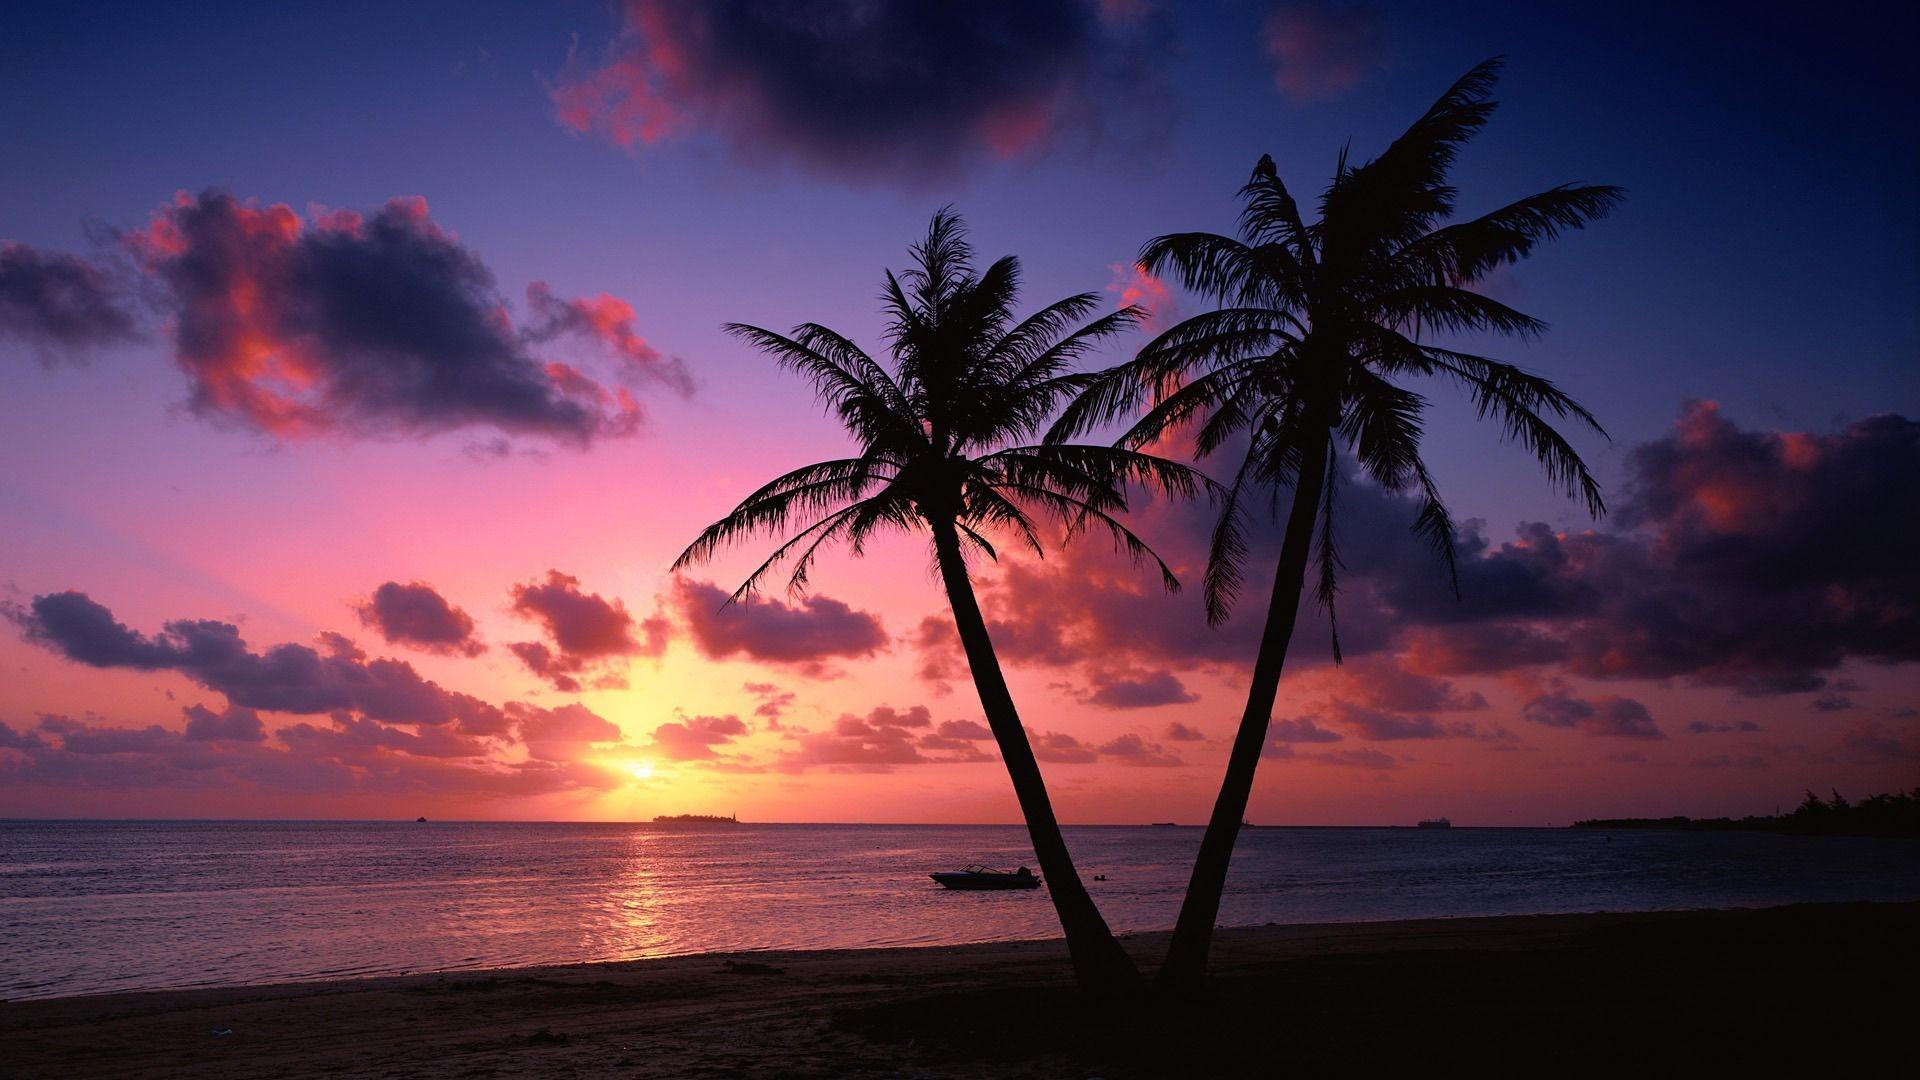 Res: 1920x1080, Tropical Beach Sunset wallpaper - 1343376